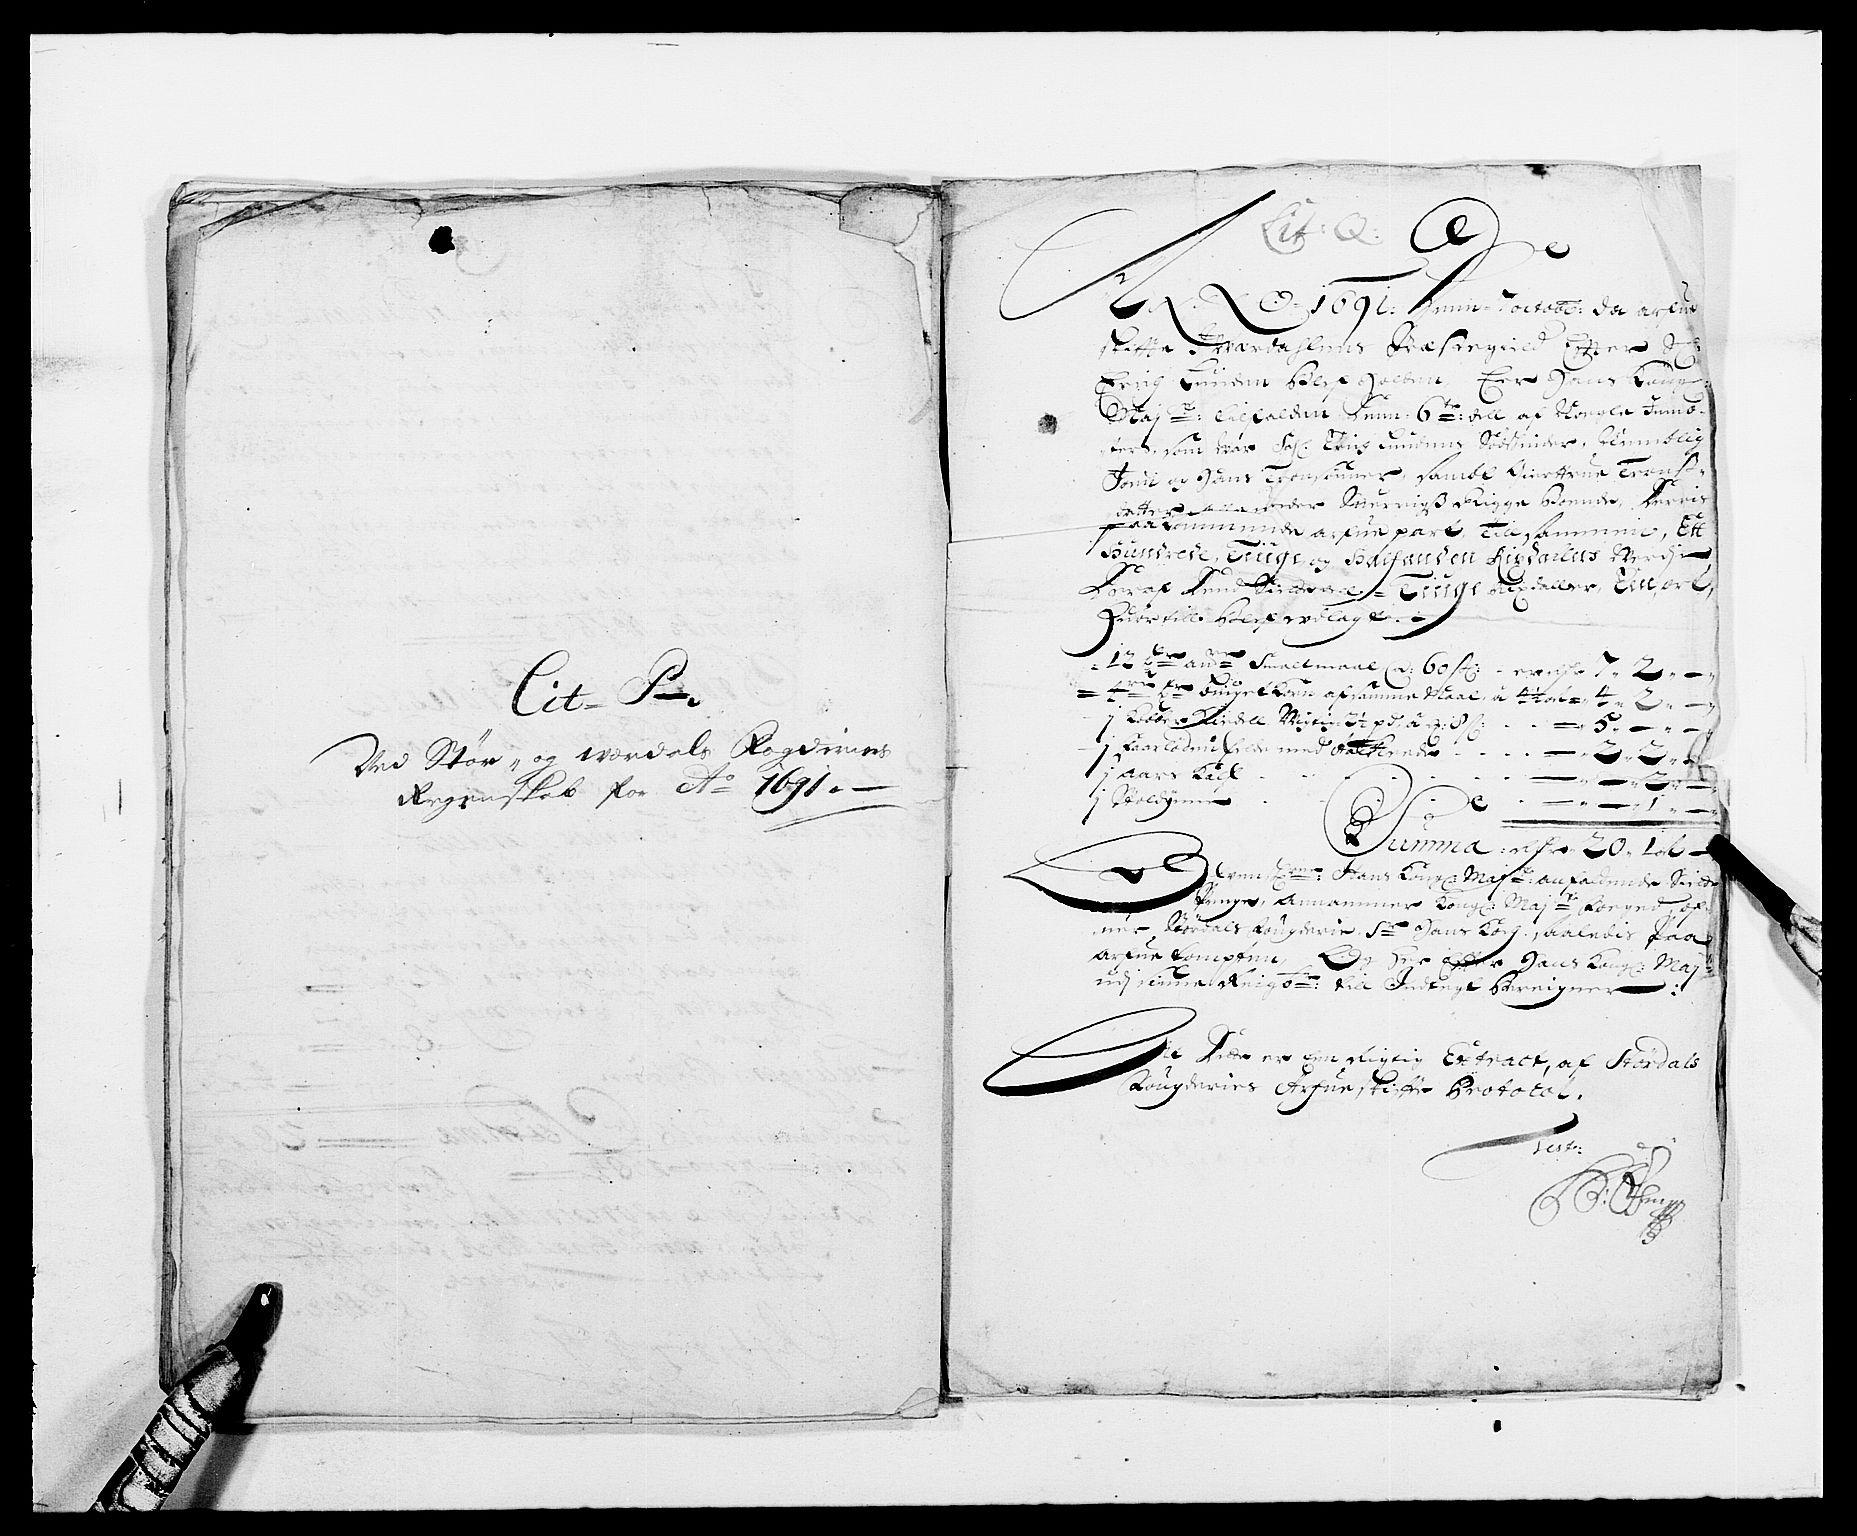 RA, Rentekammeret inntil 1814, Reviderte regnskaper, Fogderegnskap, R62/L4184: Fogderegnskap Stjørdal og Verdal, 1690-1691, s. 425